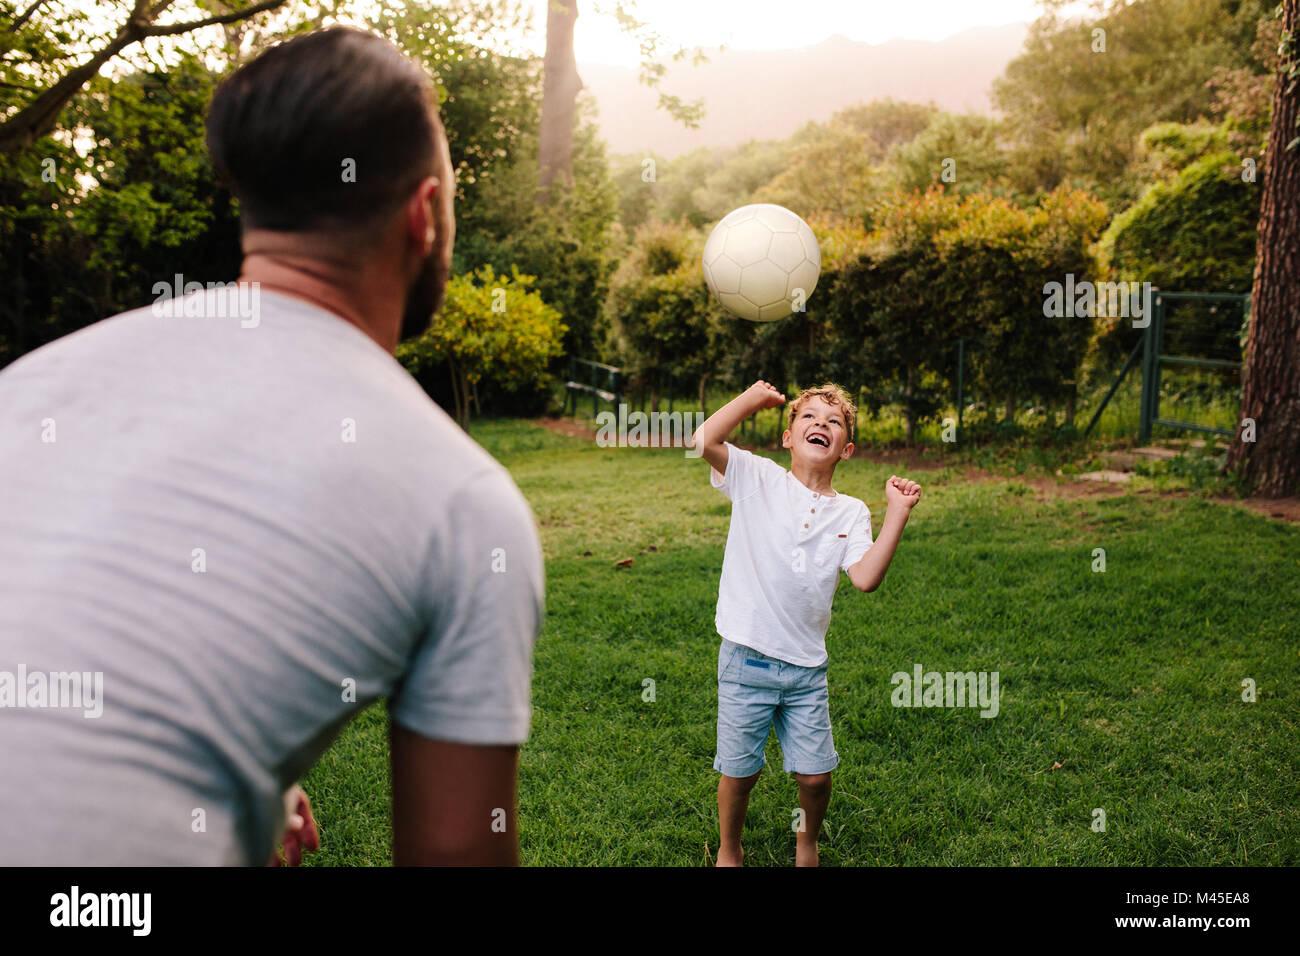 Padre e hijo jugando con una pelota de fútbol en el patio jardín. Feliz chico pasando la bola a su padre. Imagen De Stock